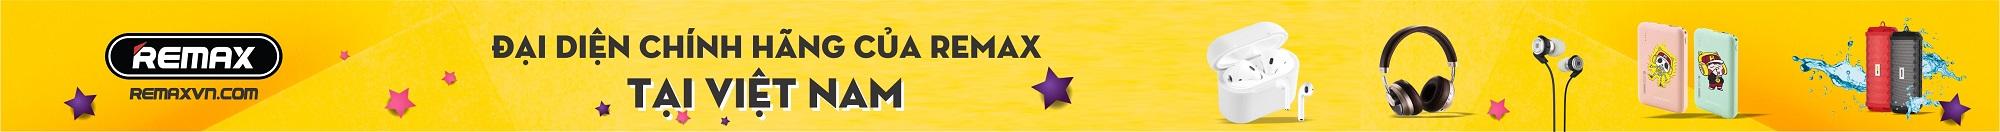 Remaxvn.Com - Đại Diện Chính Hãng của Remax Tại Việt Nam